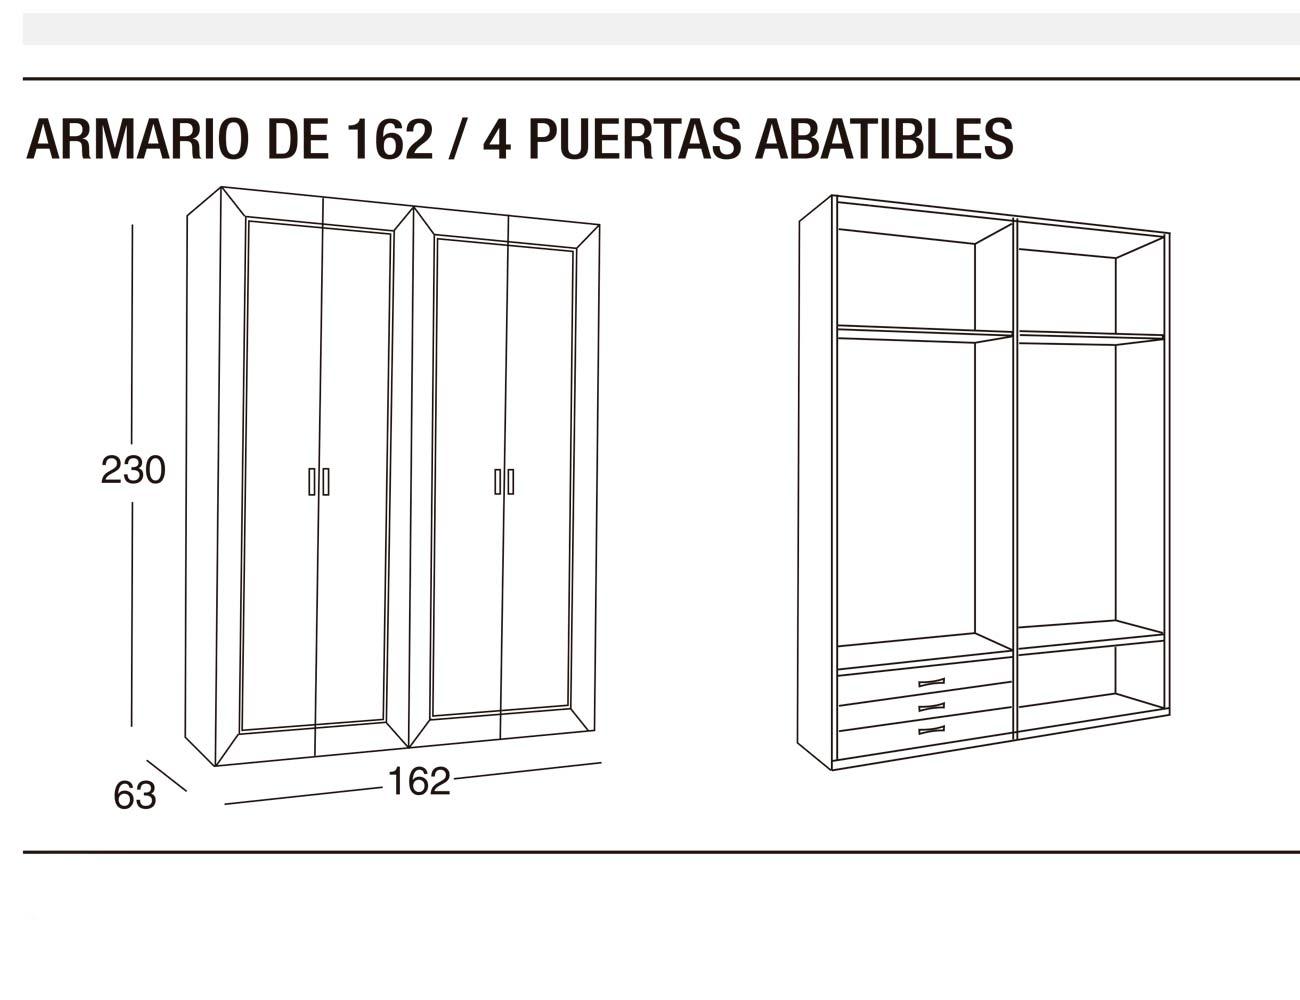 Armario 162 4p abatibles